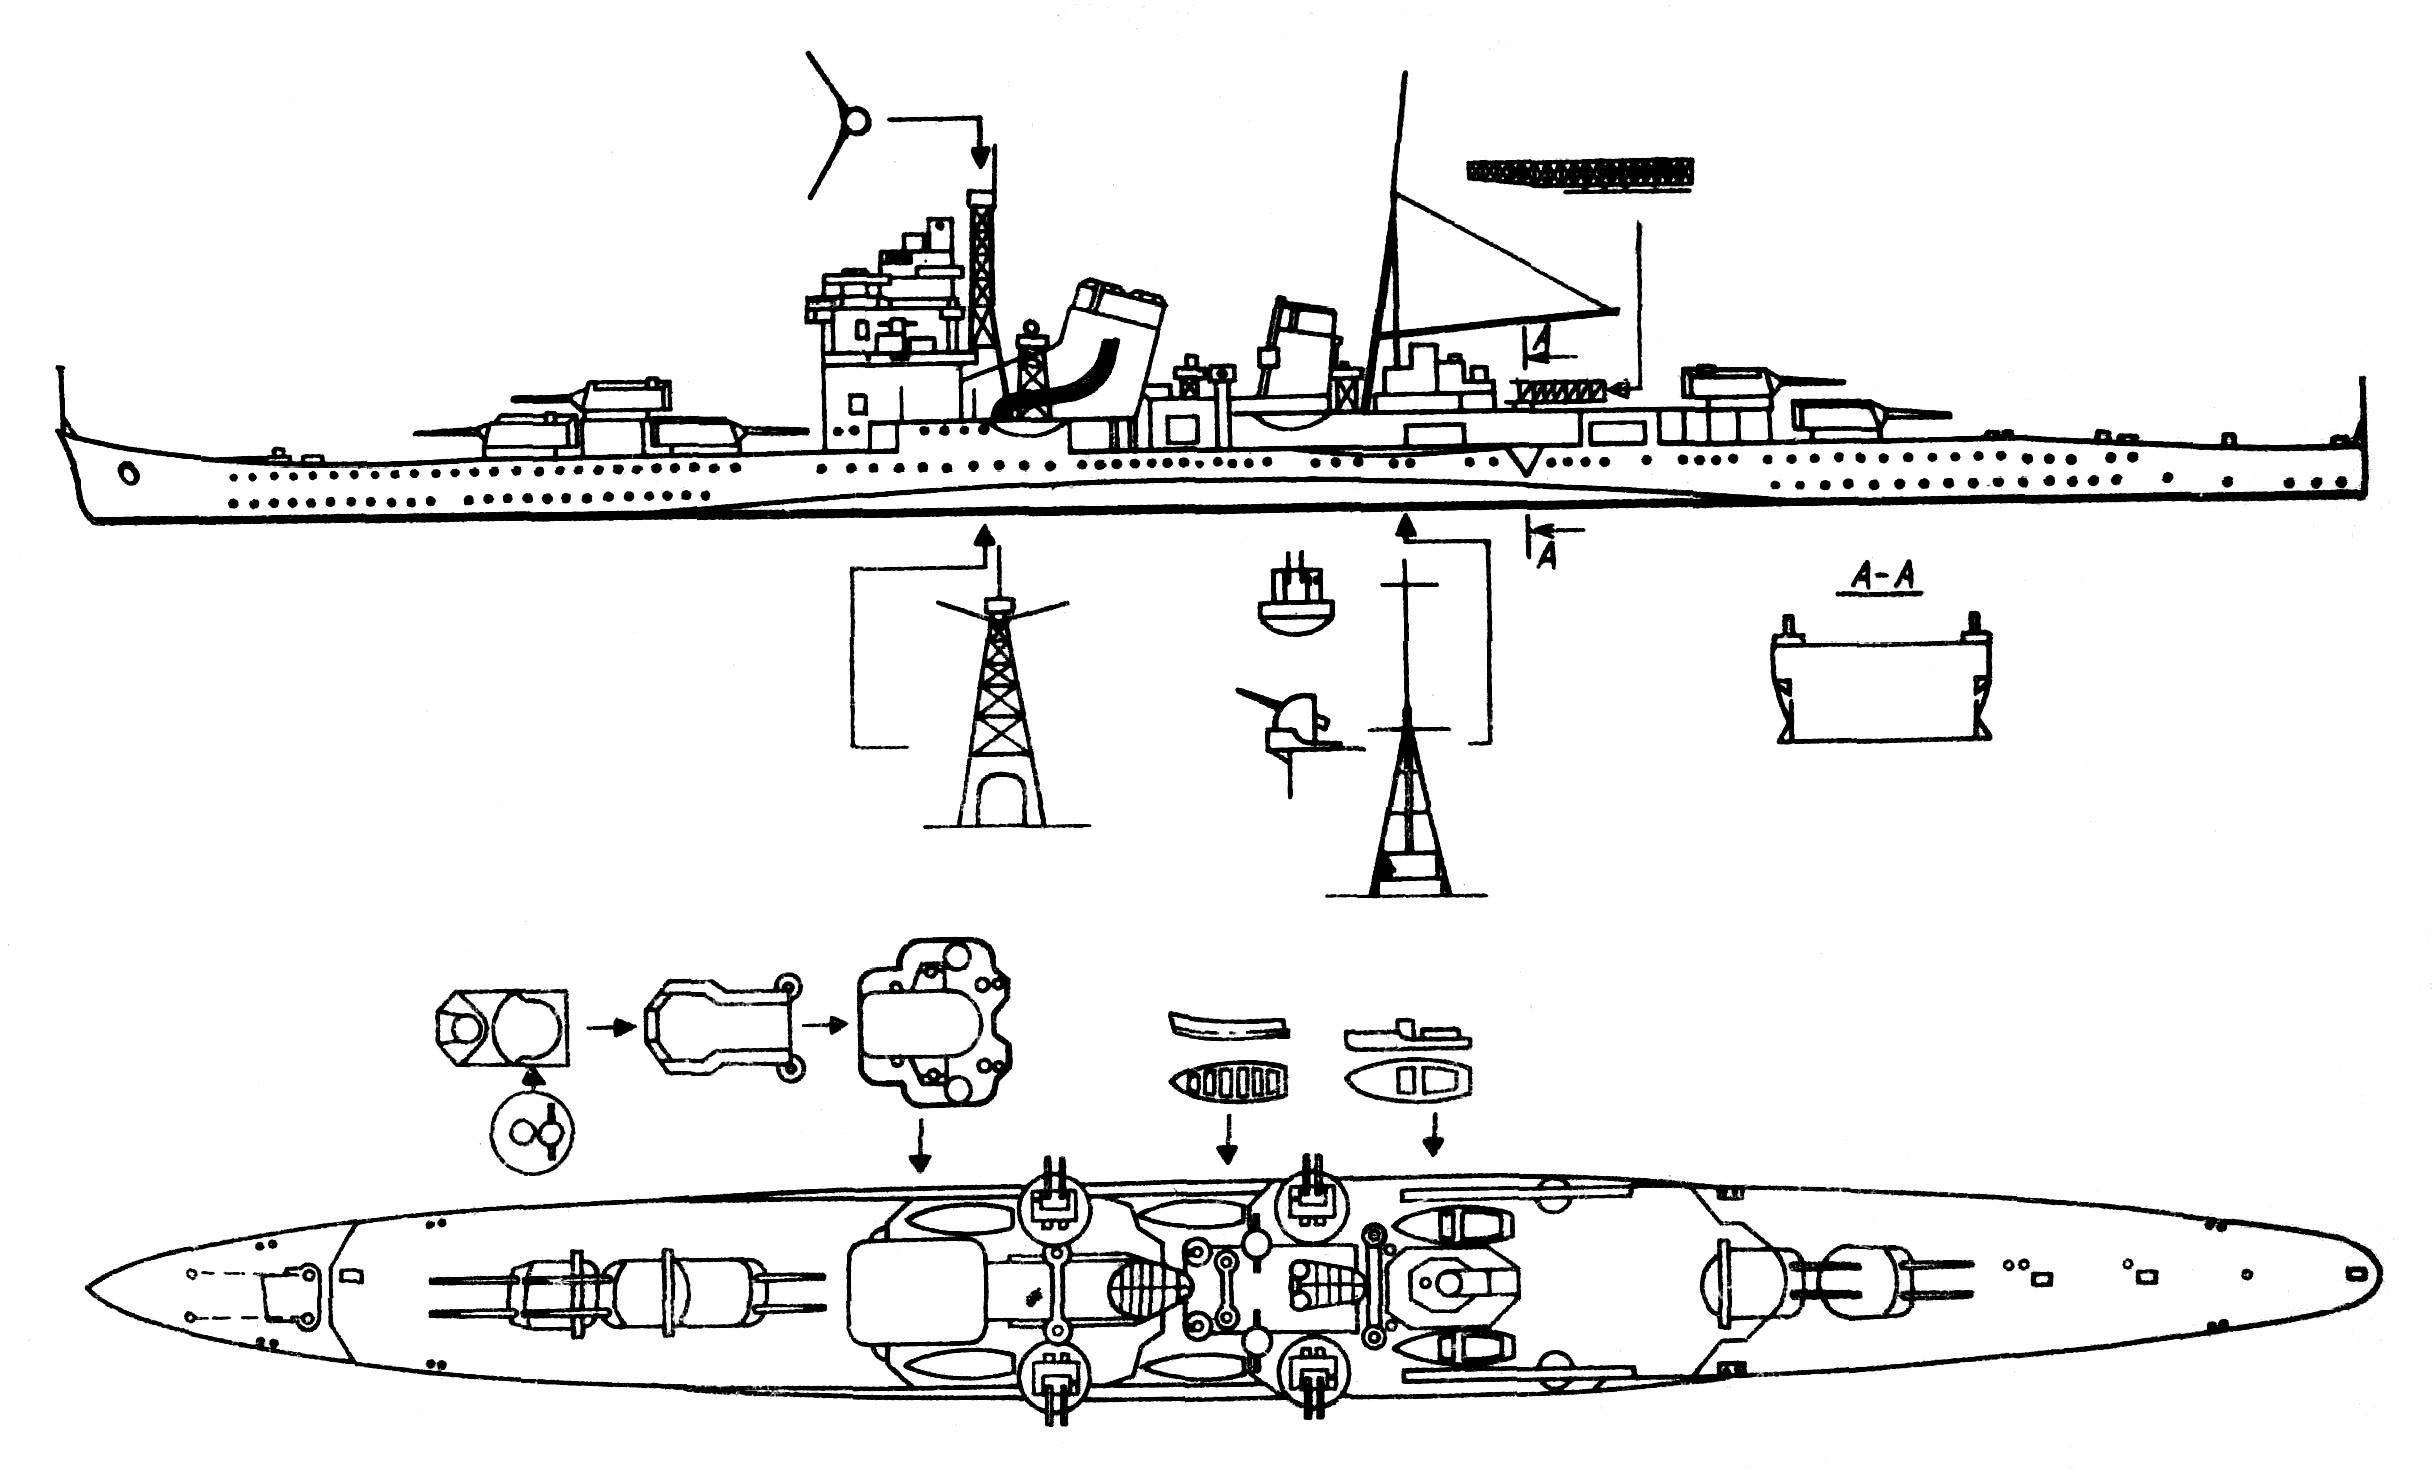 Скачать бесплатно чертежи боевых кораблей из дерева своими руками чертежи